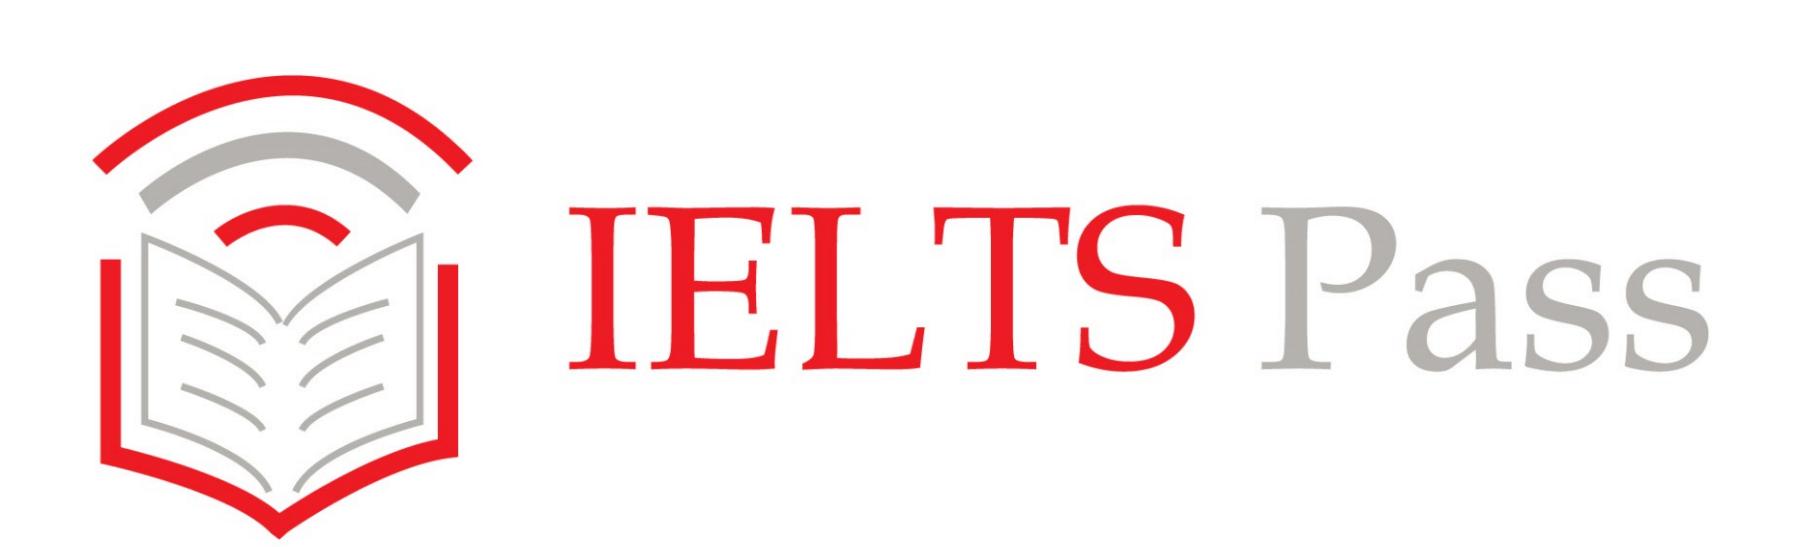 IELTS Pass - Online IELTS Courses and Practice Test Online